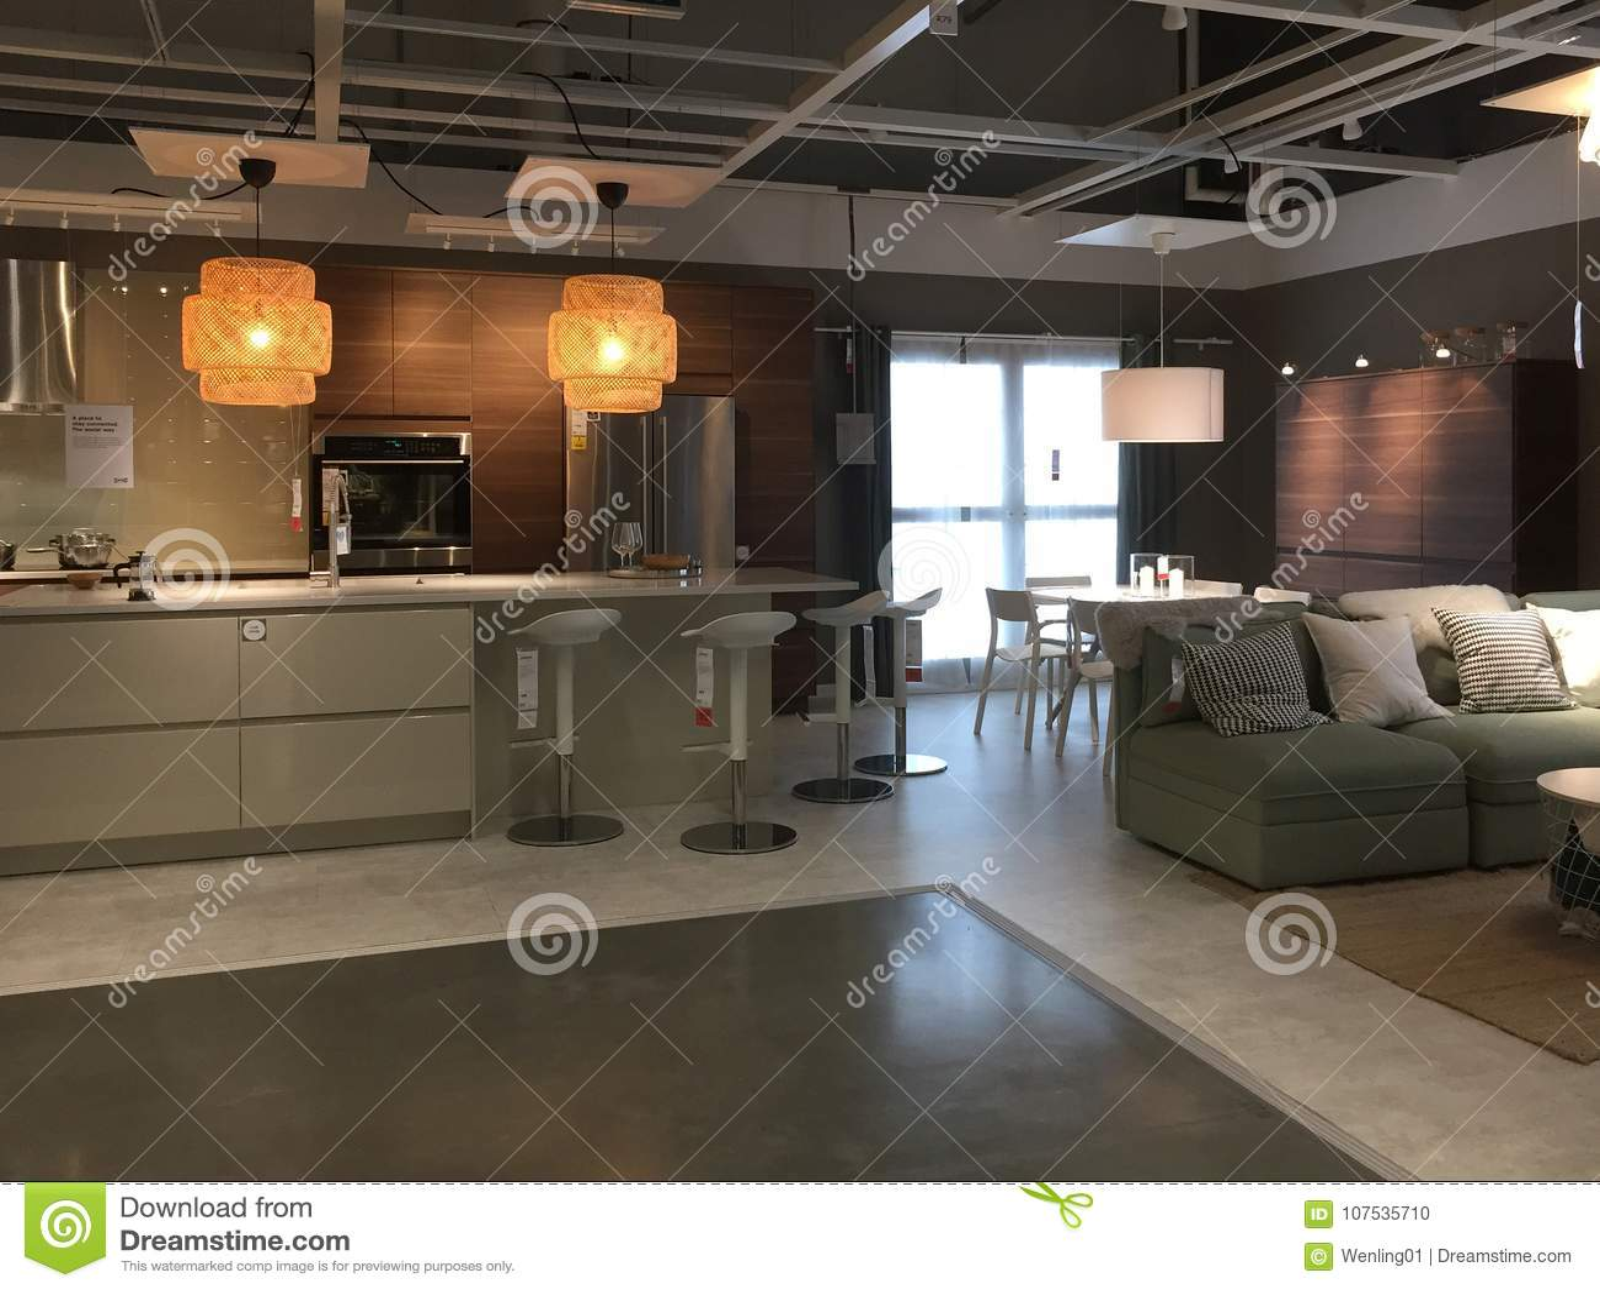 Keuken Ikea Moderne : Modern keuken en familieruimteontwerp bij het leveren van opslag